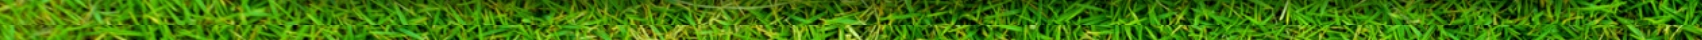 Grass Line Separator